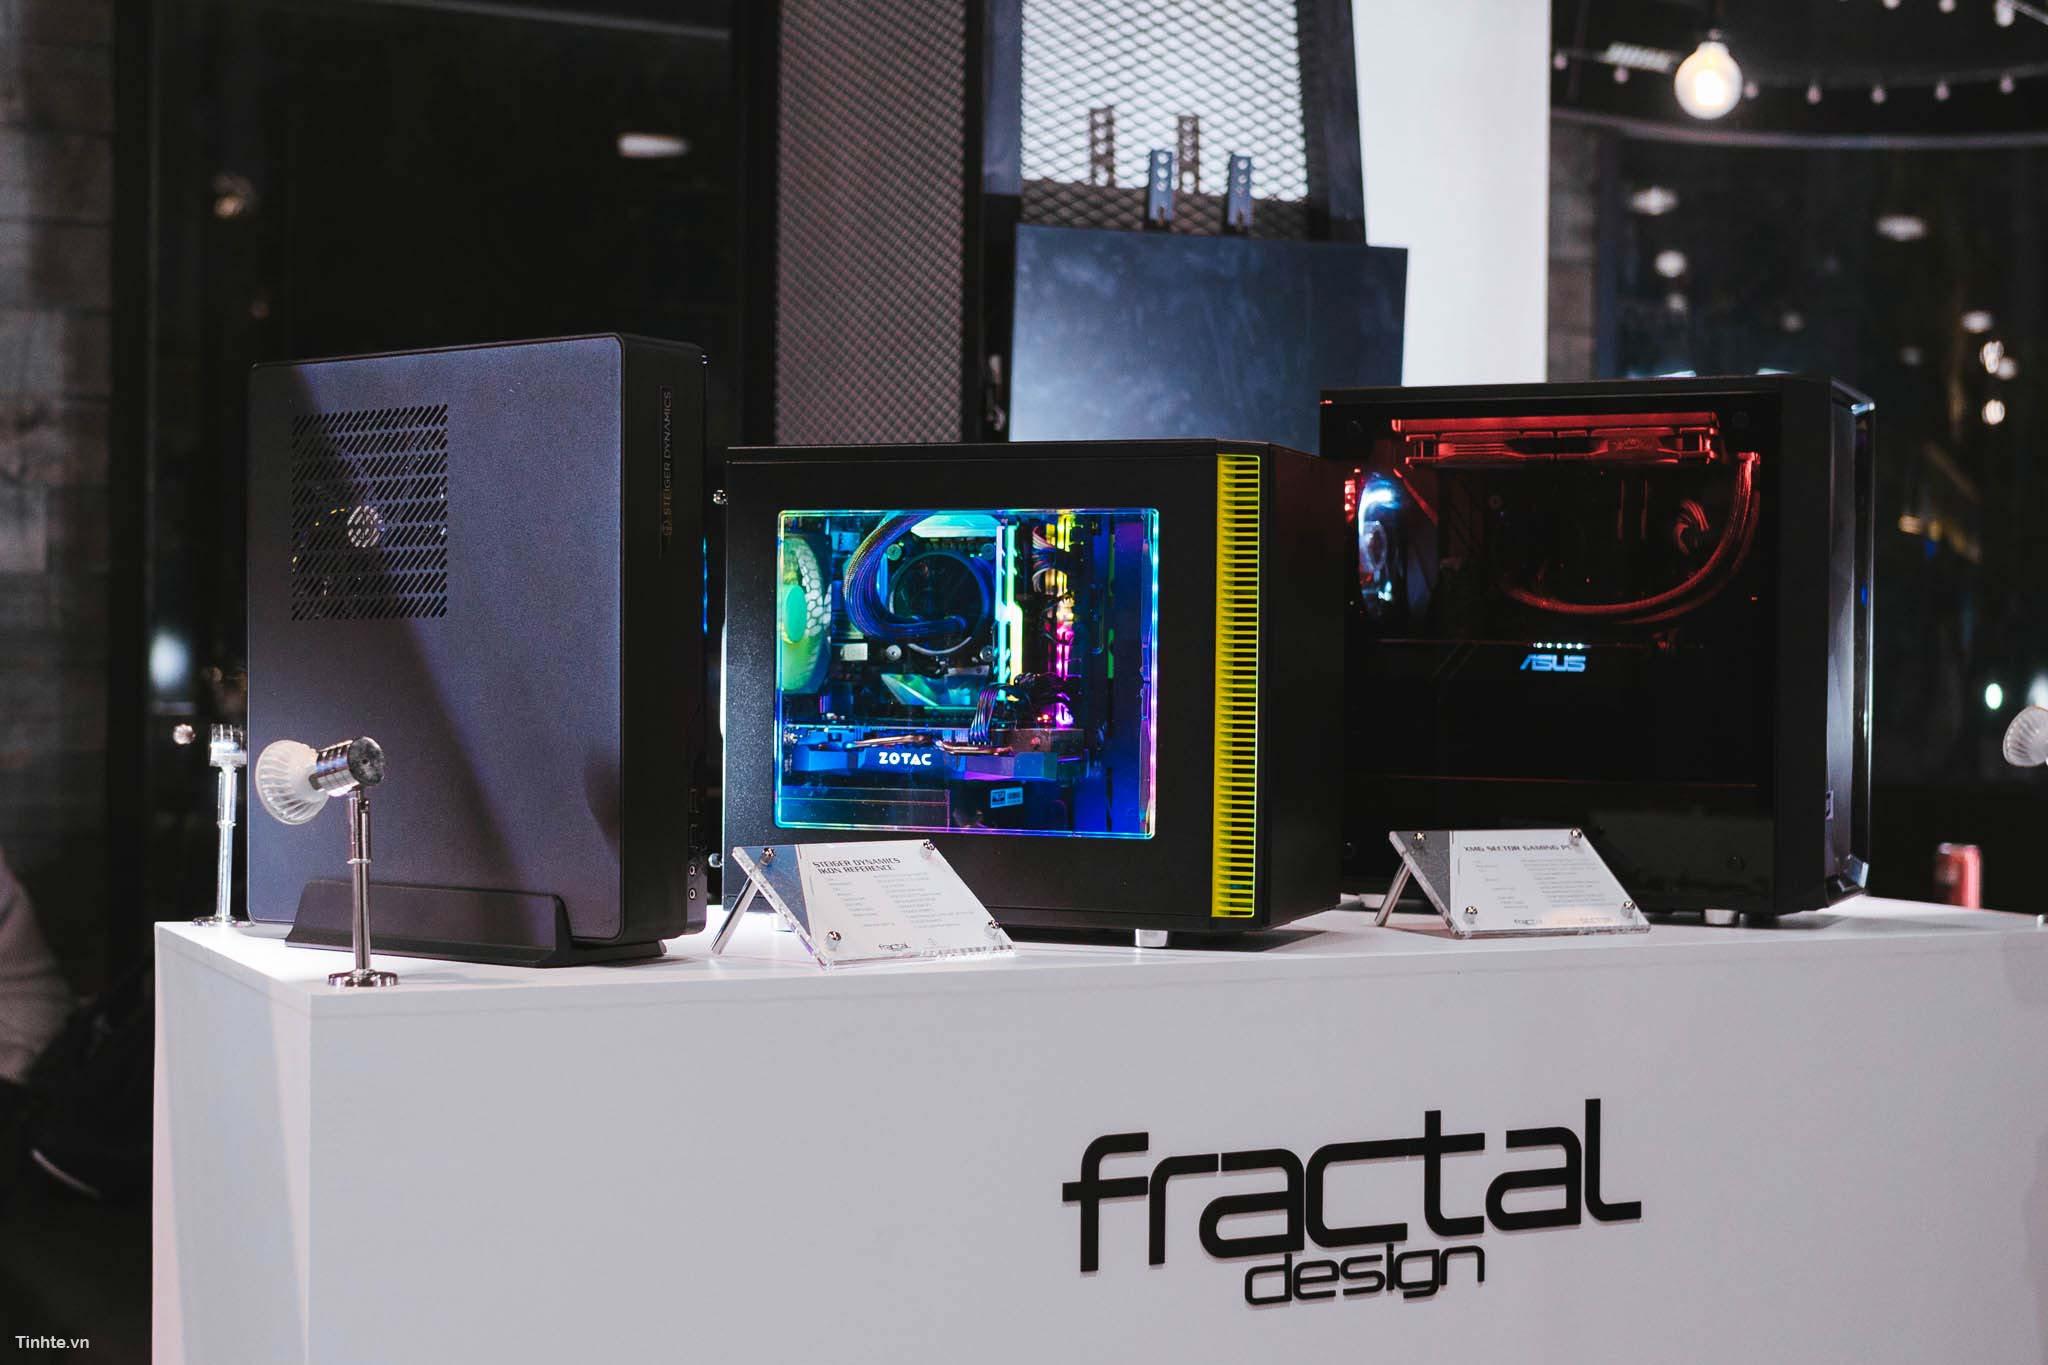 Fractal_design-10.jpg